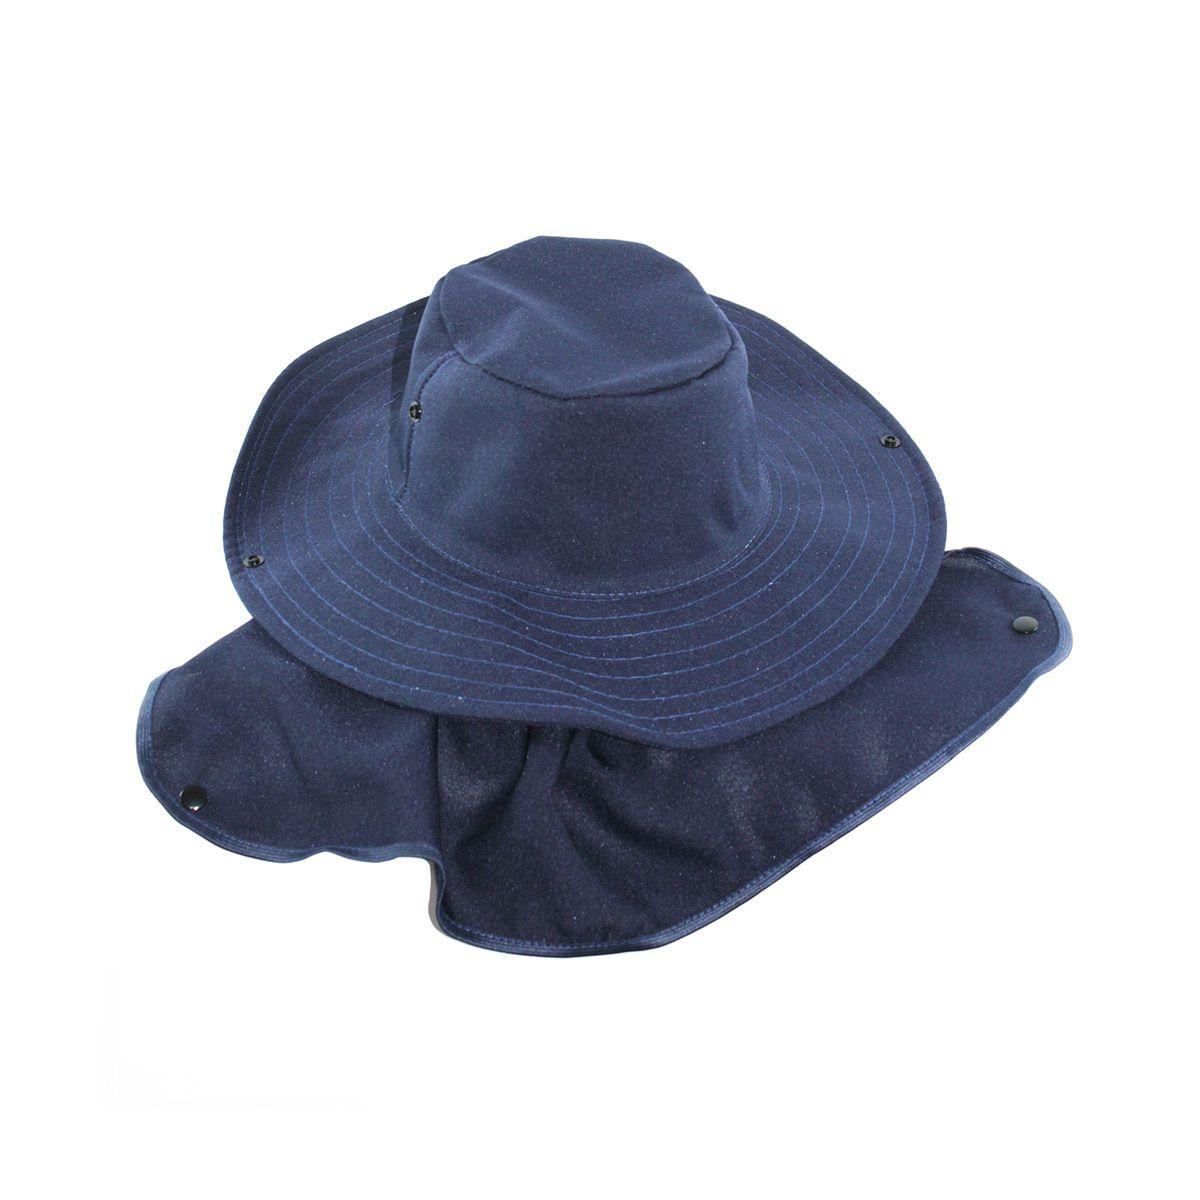 Chapéu Pescador Safari com proteção de pescoço - Azul Marinho